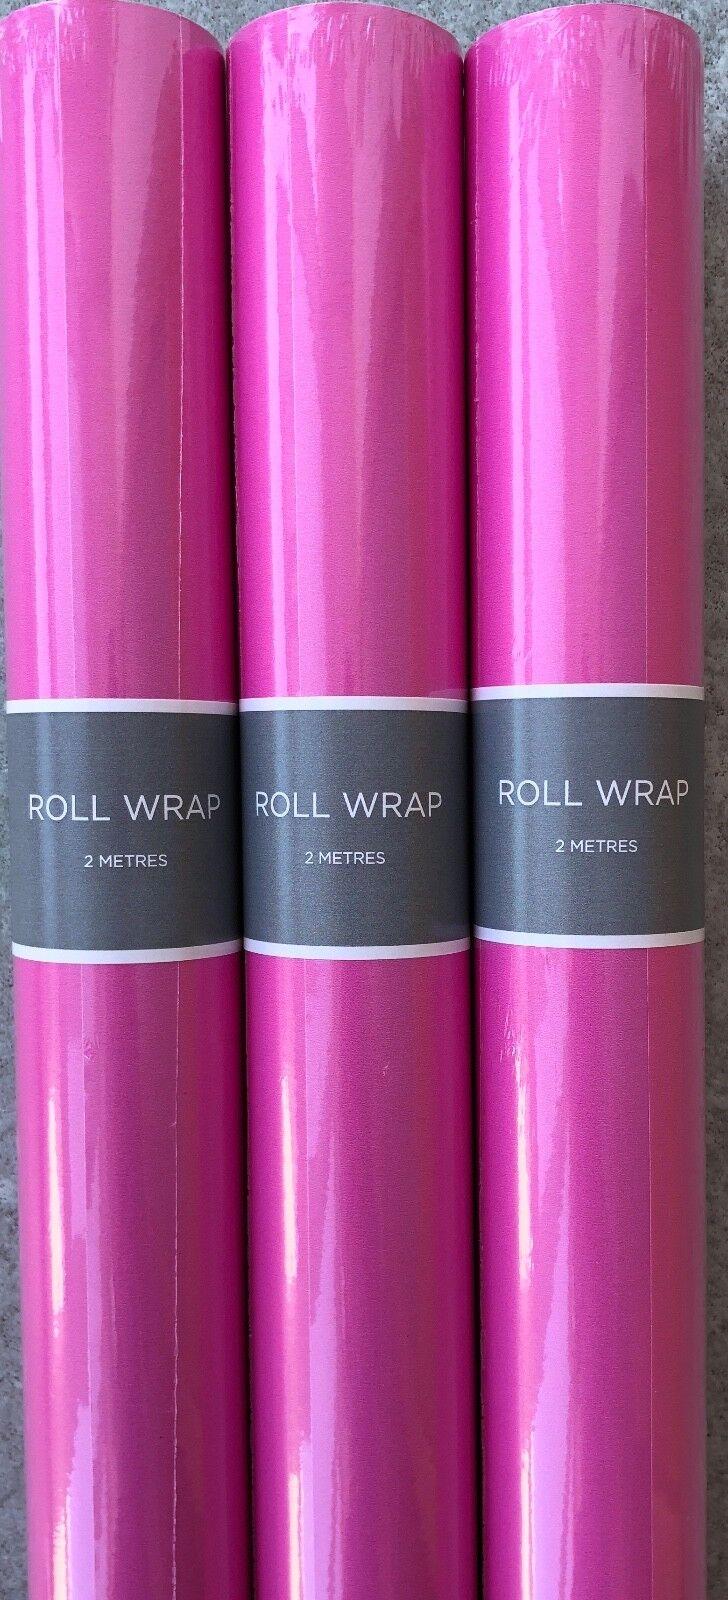 Hallmark Rose Papier Cadeau Rouleaux 2 96 Mètres-Largeur 70 70 Mètres-Largeur cm-Royal Mail chenilles dcb87f